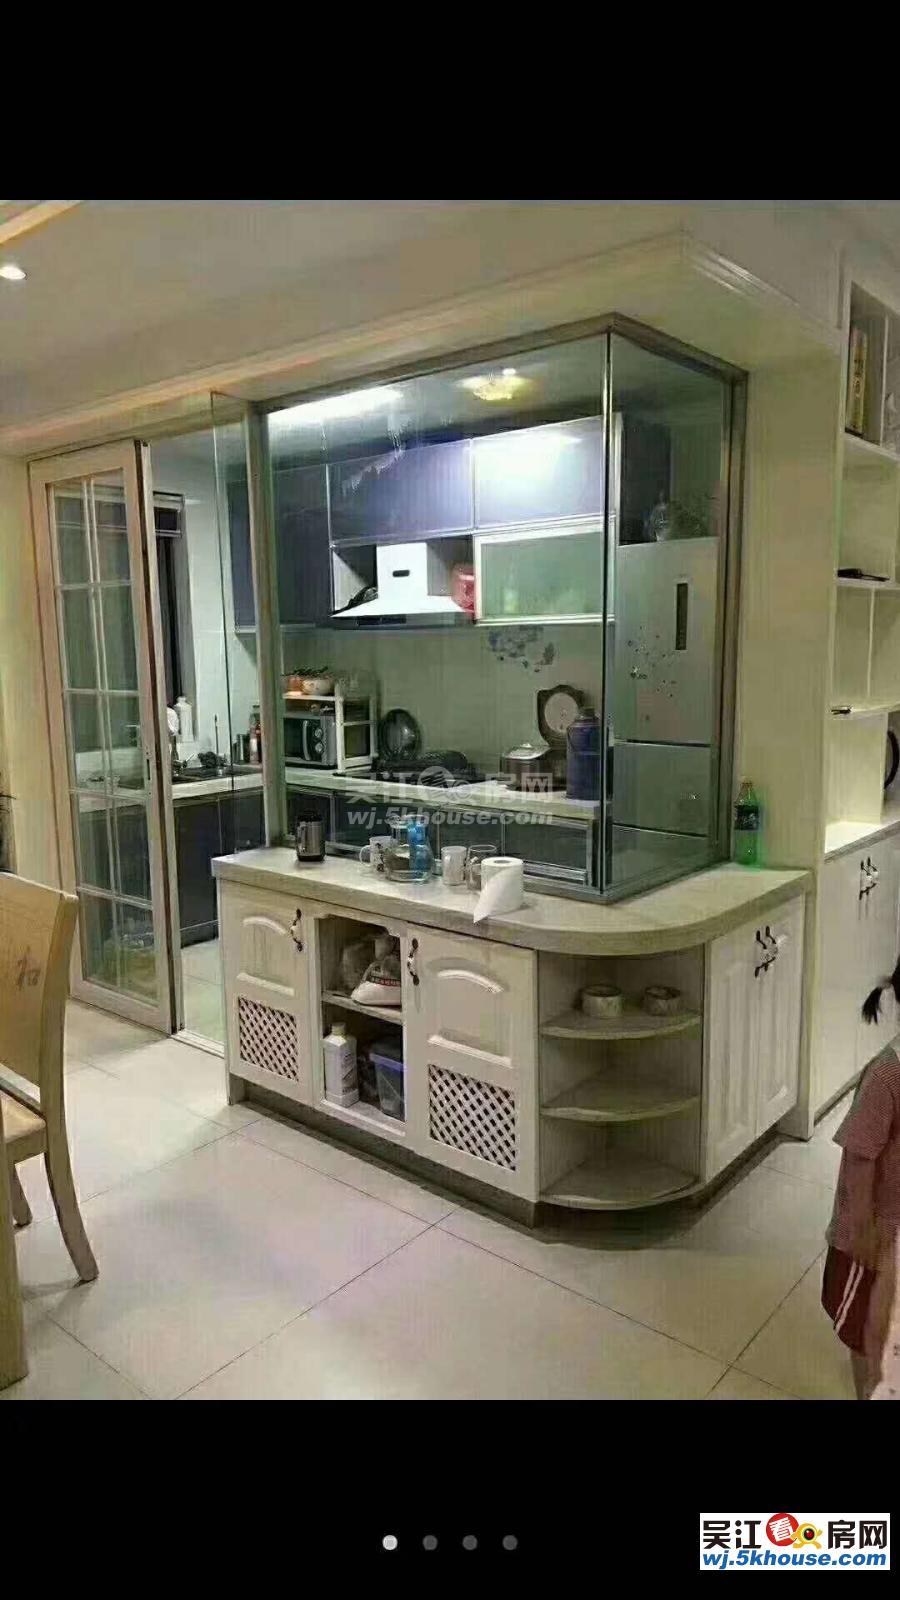 锦盛苑 103万 3室2厅1卫 豪华装修 非常安静,笋盘出售!